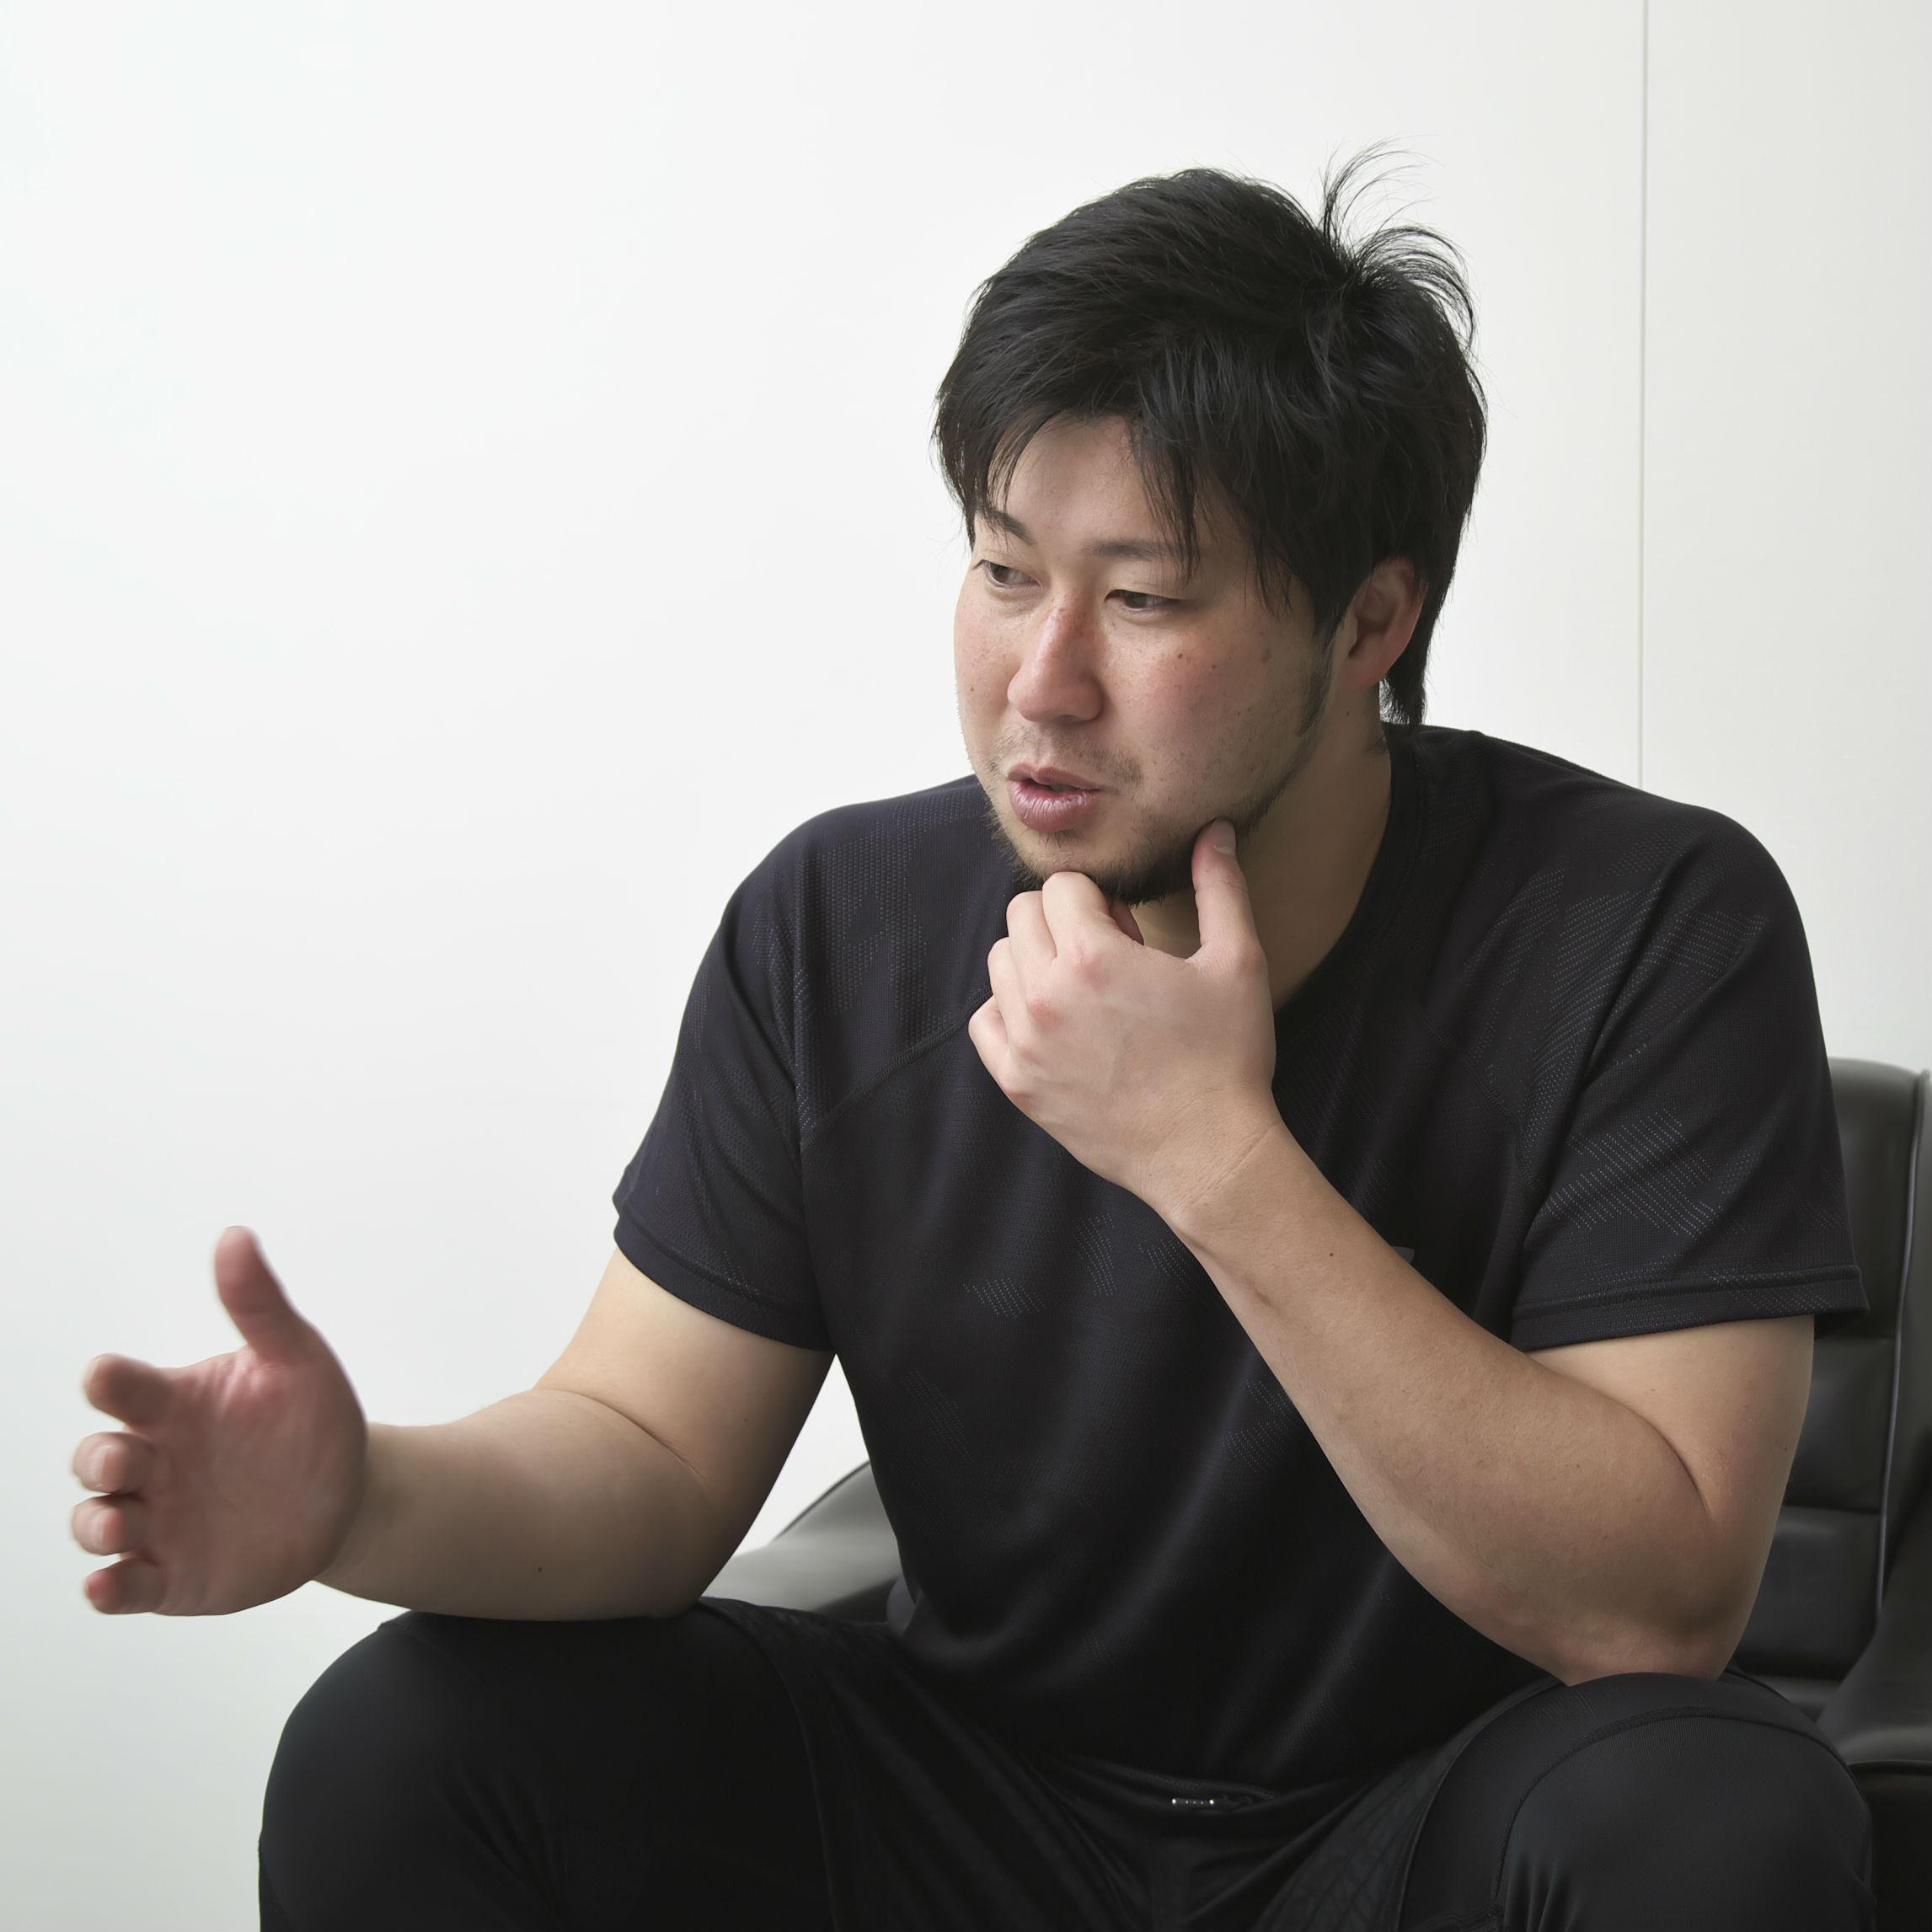 「イチローさんへの視線は慕うというより…」田澤純一がみたマーリンズ